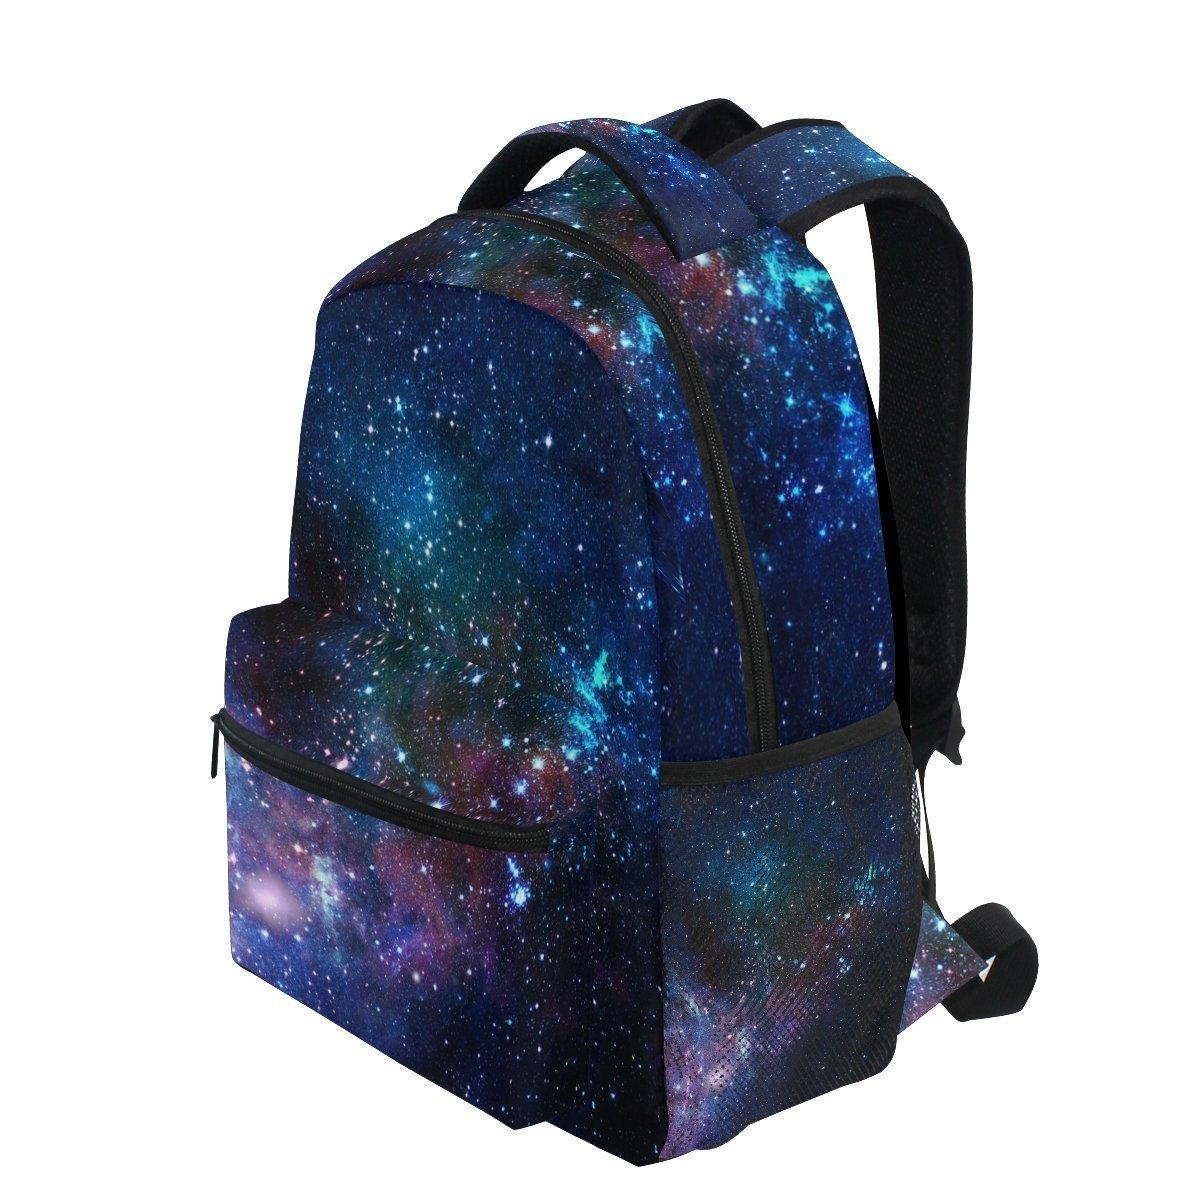 AHOMY ガールズ スクールバックパック ギャラクシー 星 宇宙 大学 ブックバッグ レディ 旅行 リュックサック   B07G3Z8ZPP